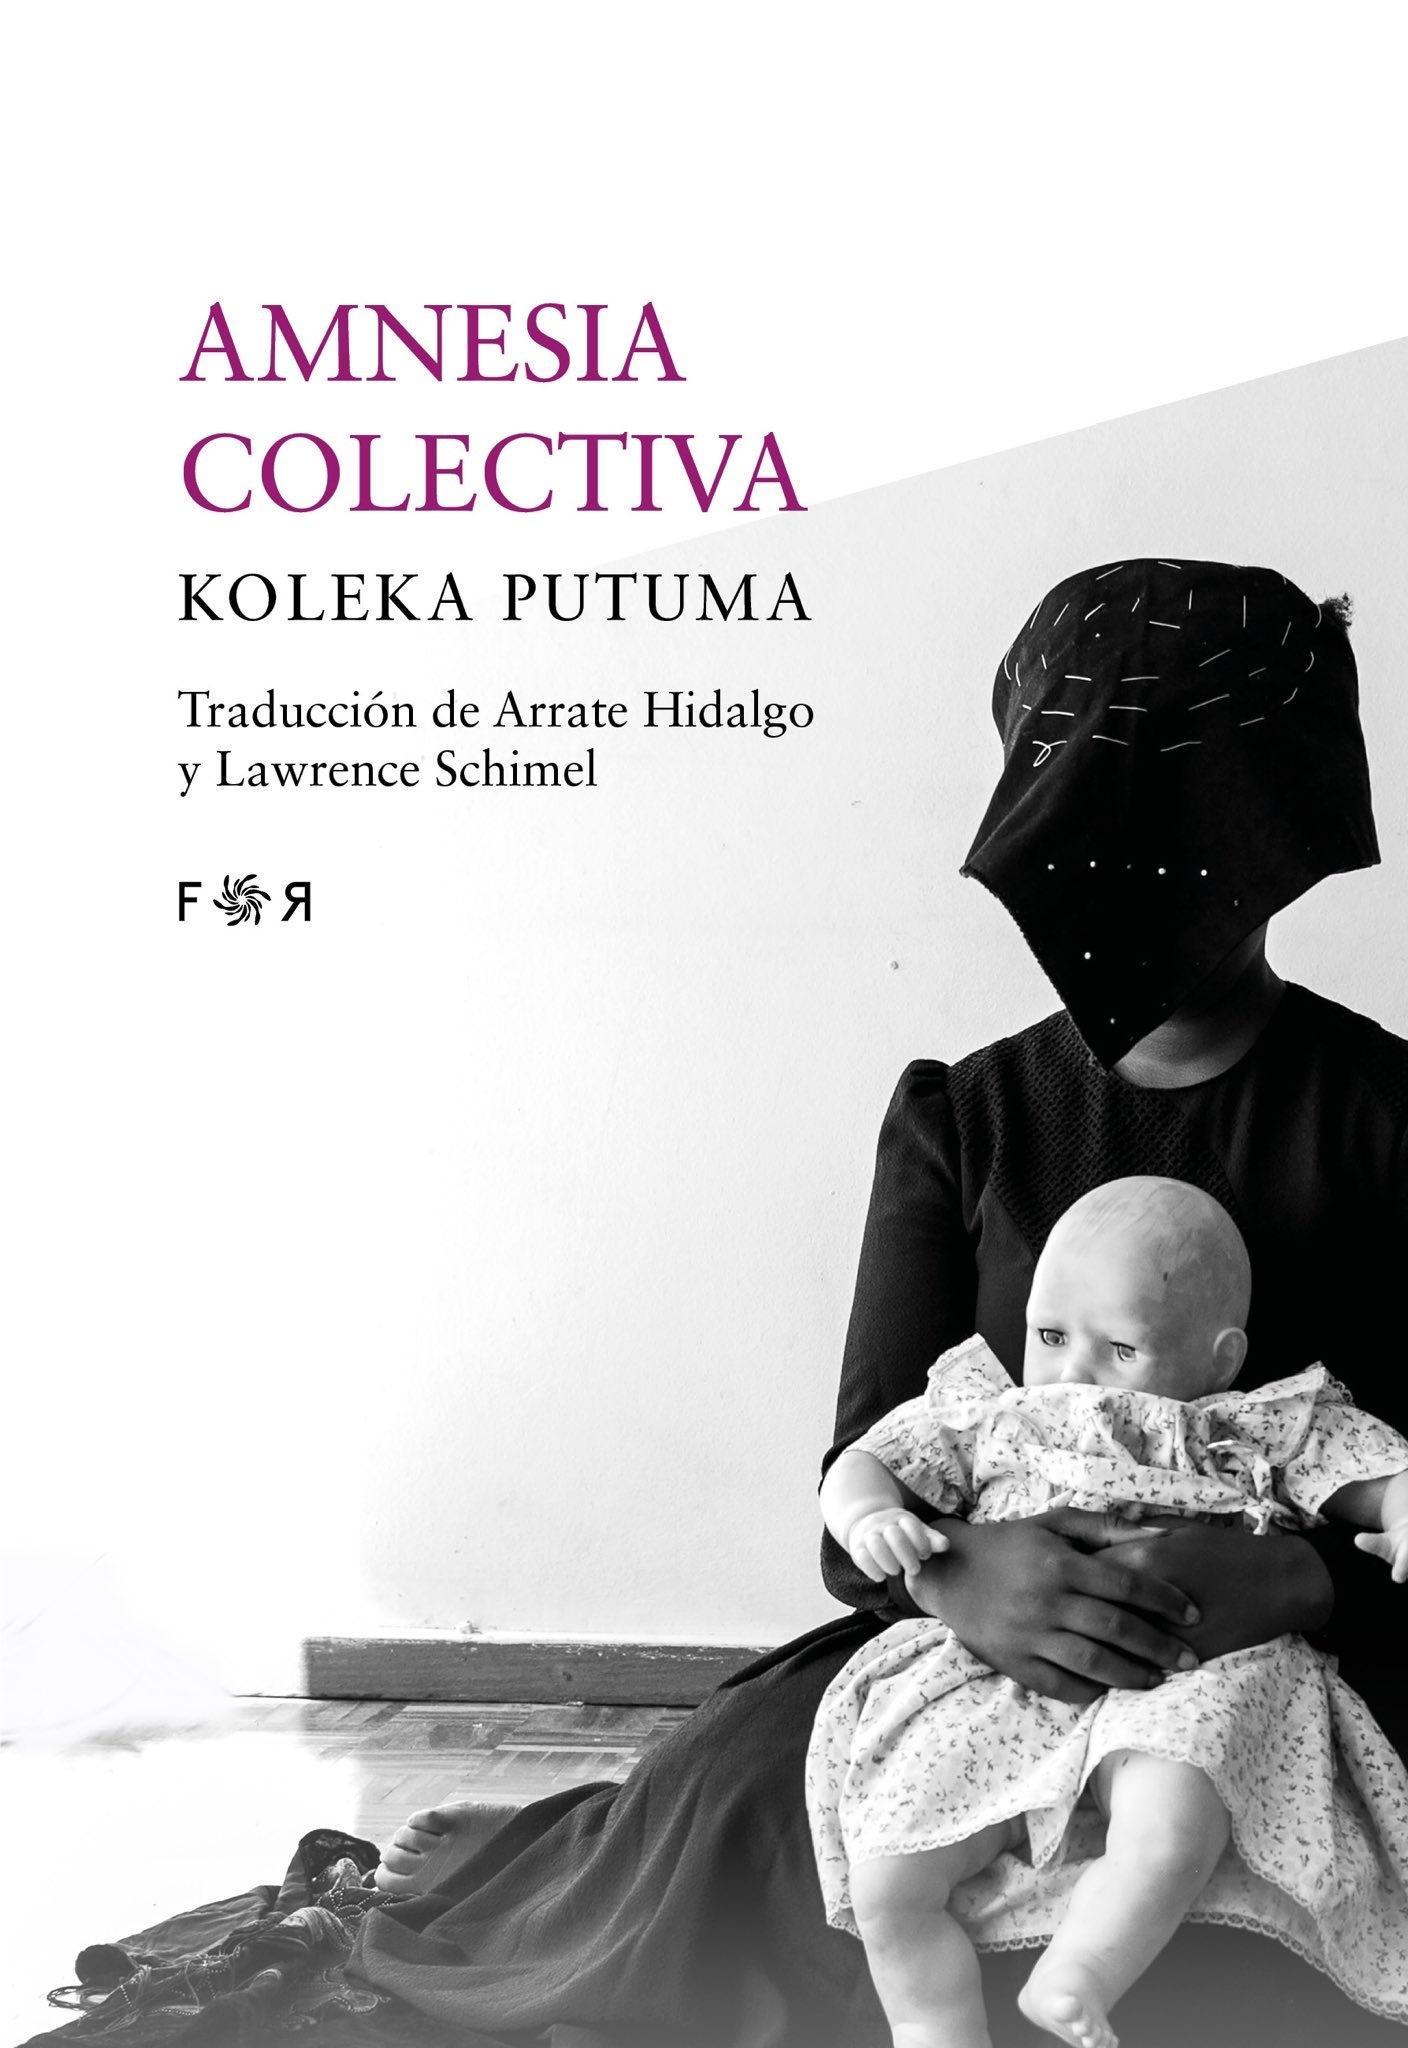 Koleka Putuma Amnesia Colectiva